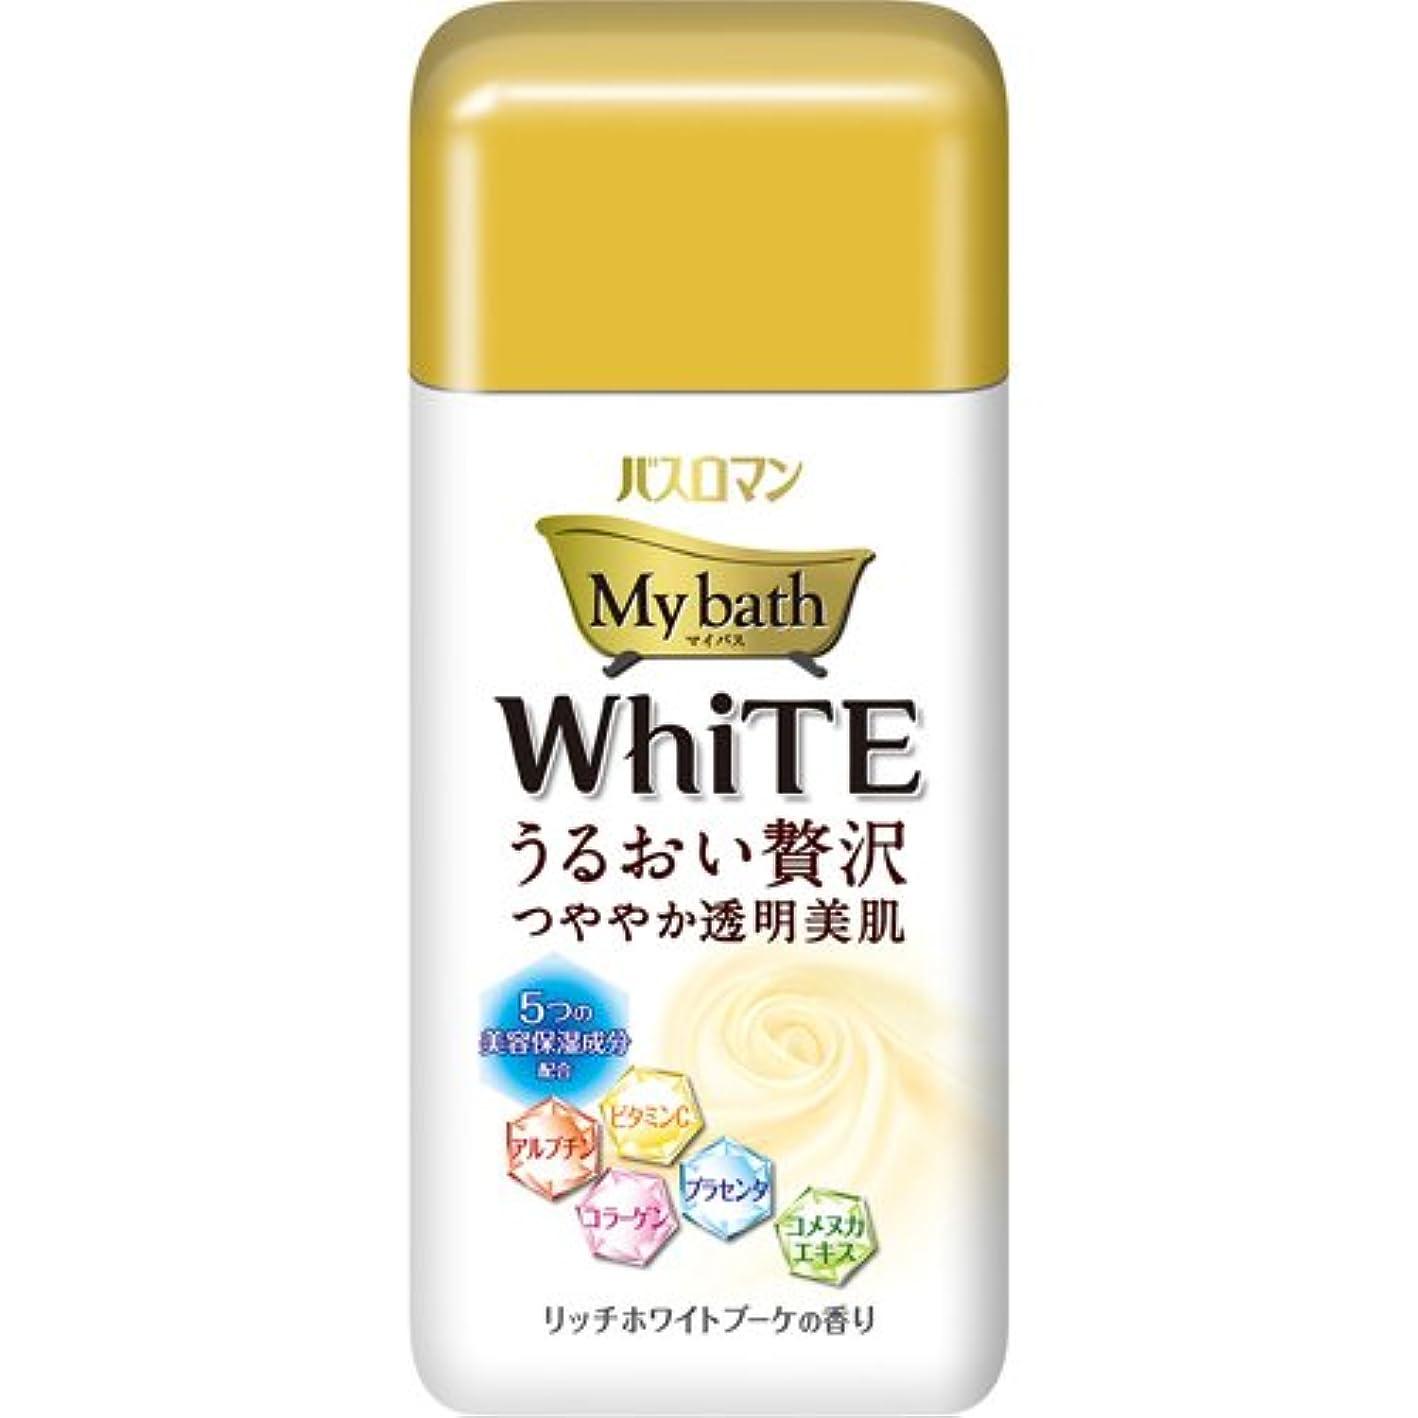 バスロマンマイバスホワイト 600g